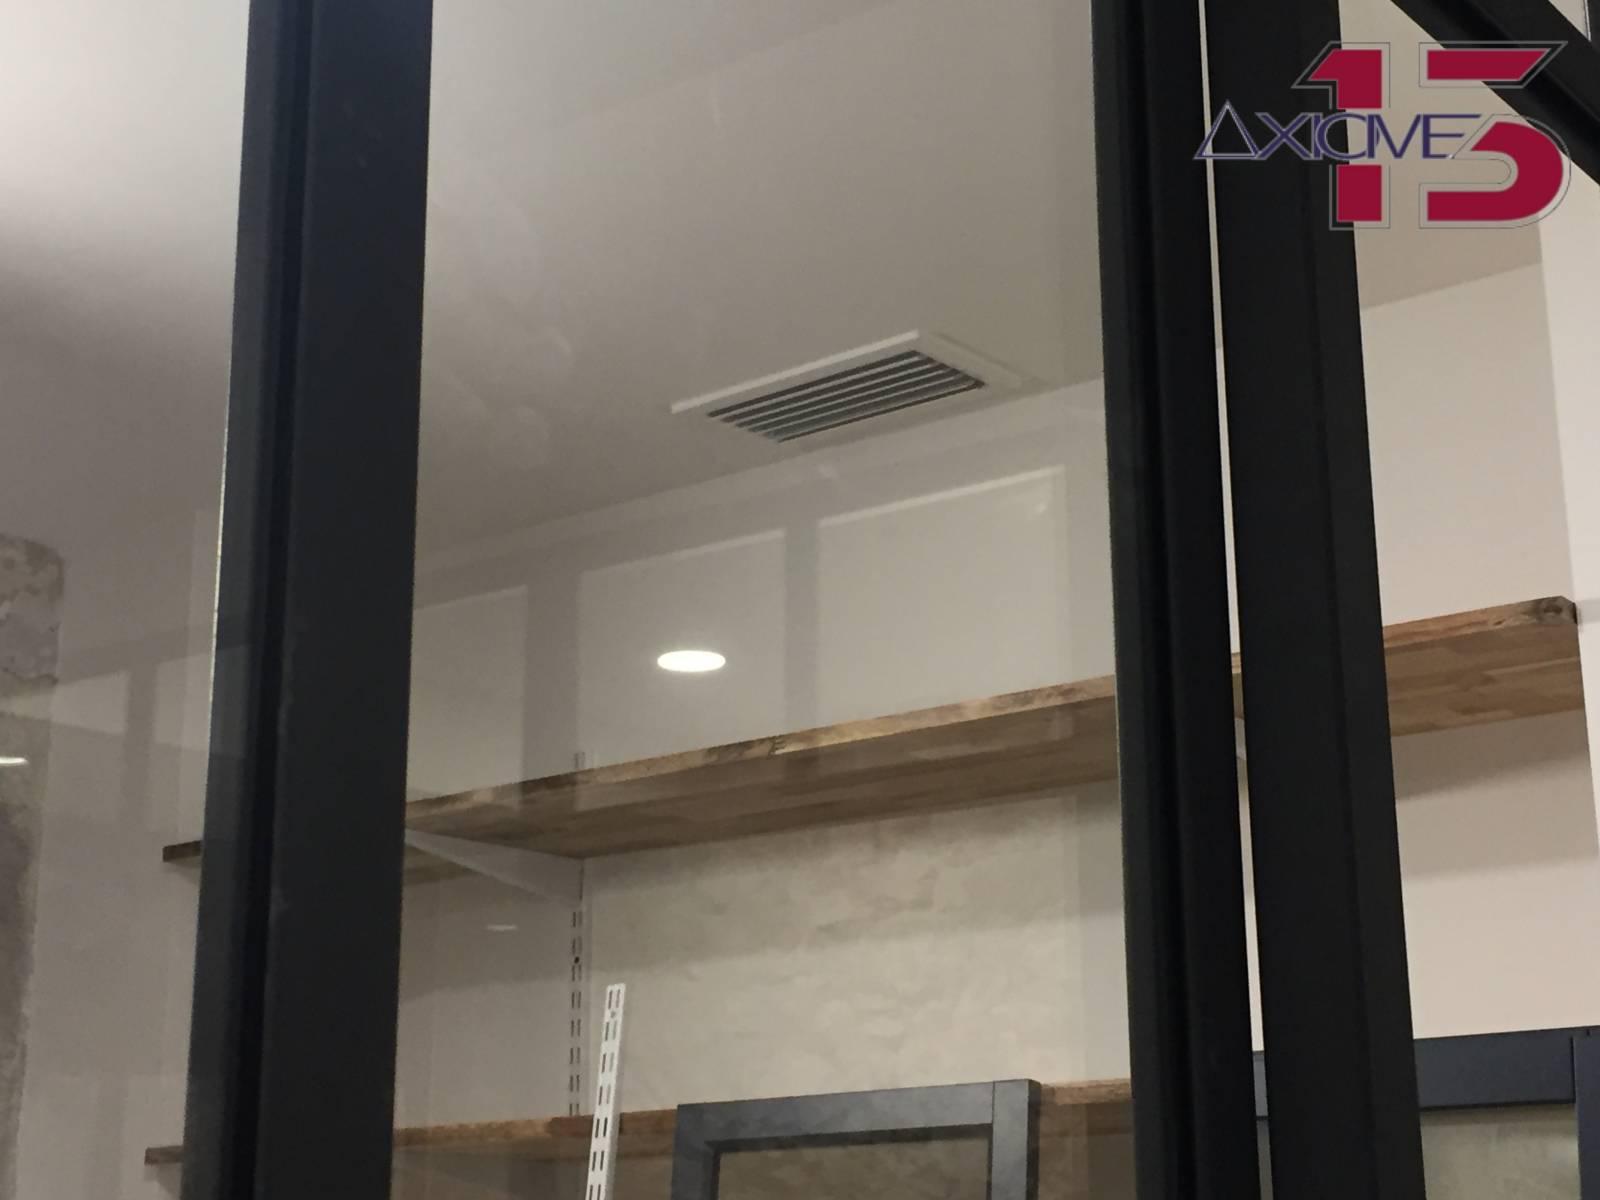 faire installer une climatisation r versible dans des locaux professionnels marseille axiome 13. Black Bedroom Furniture Sets. Home Design Ideas